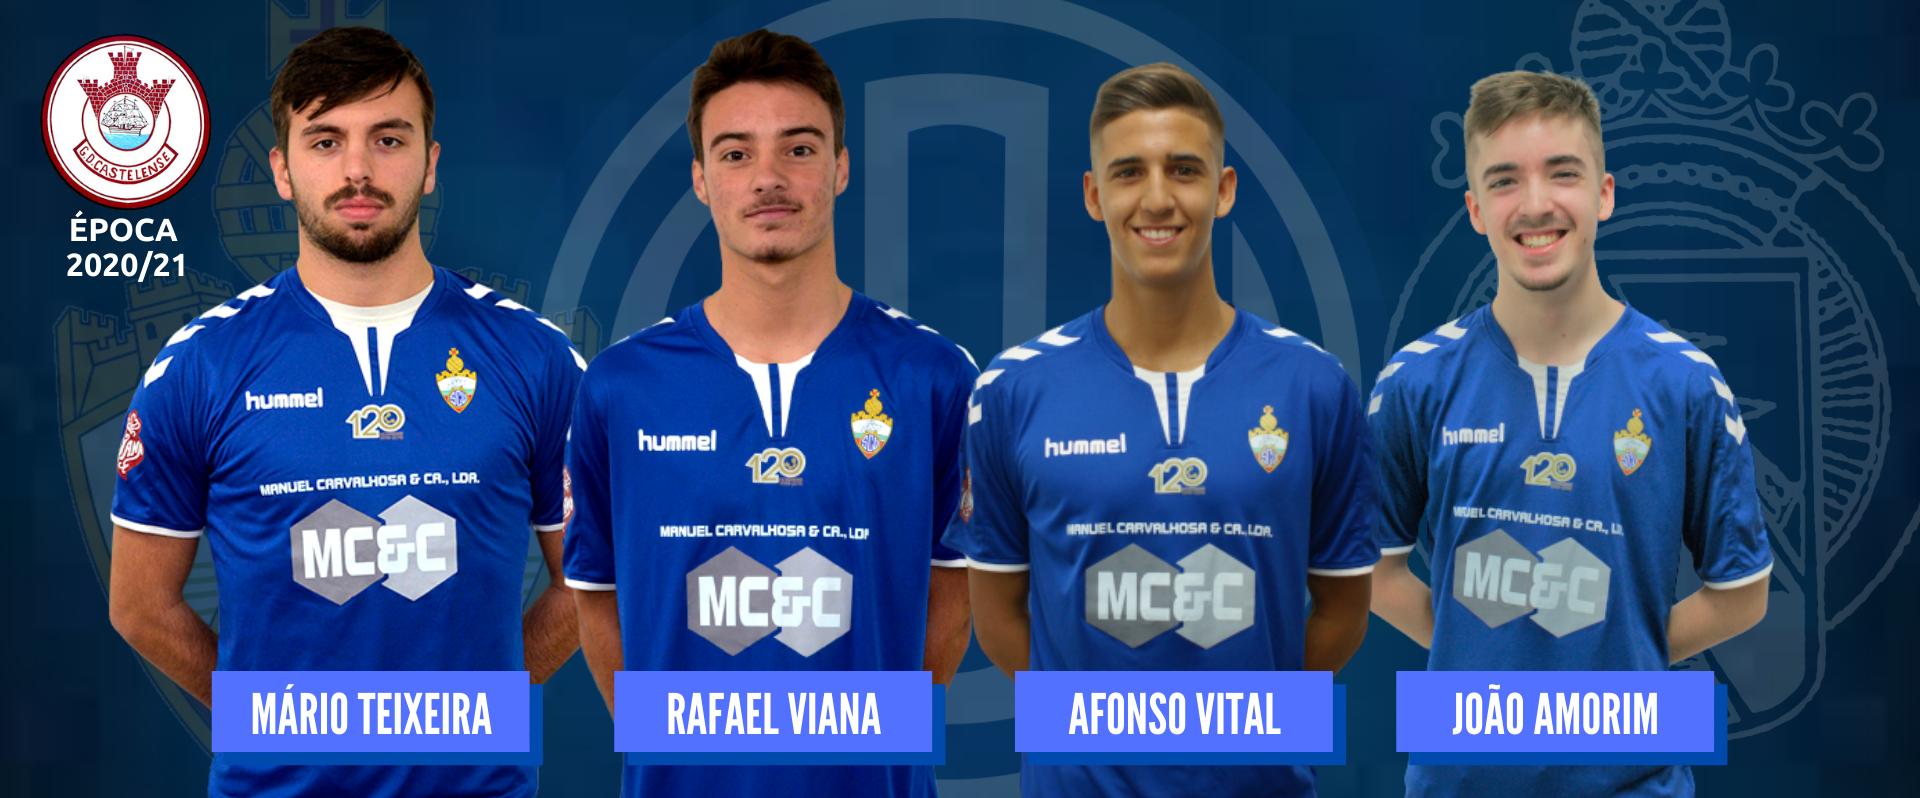 Mário, Rafa, Afonso e Duda emprestados ao GD Castelense!